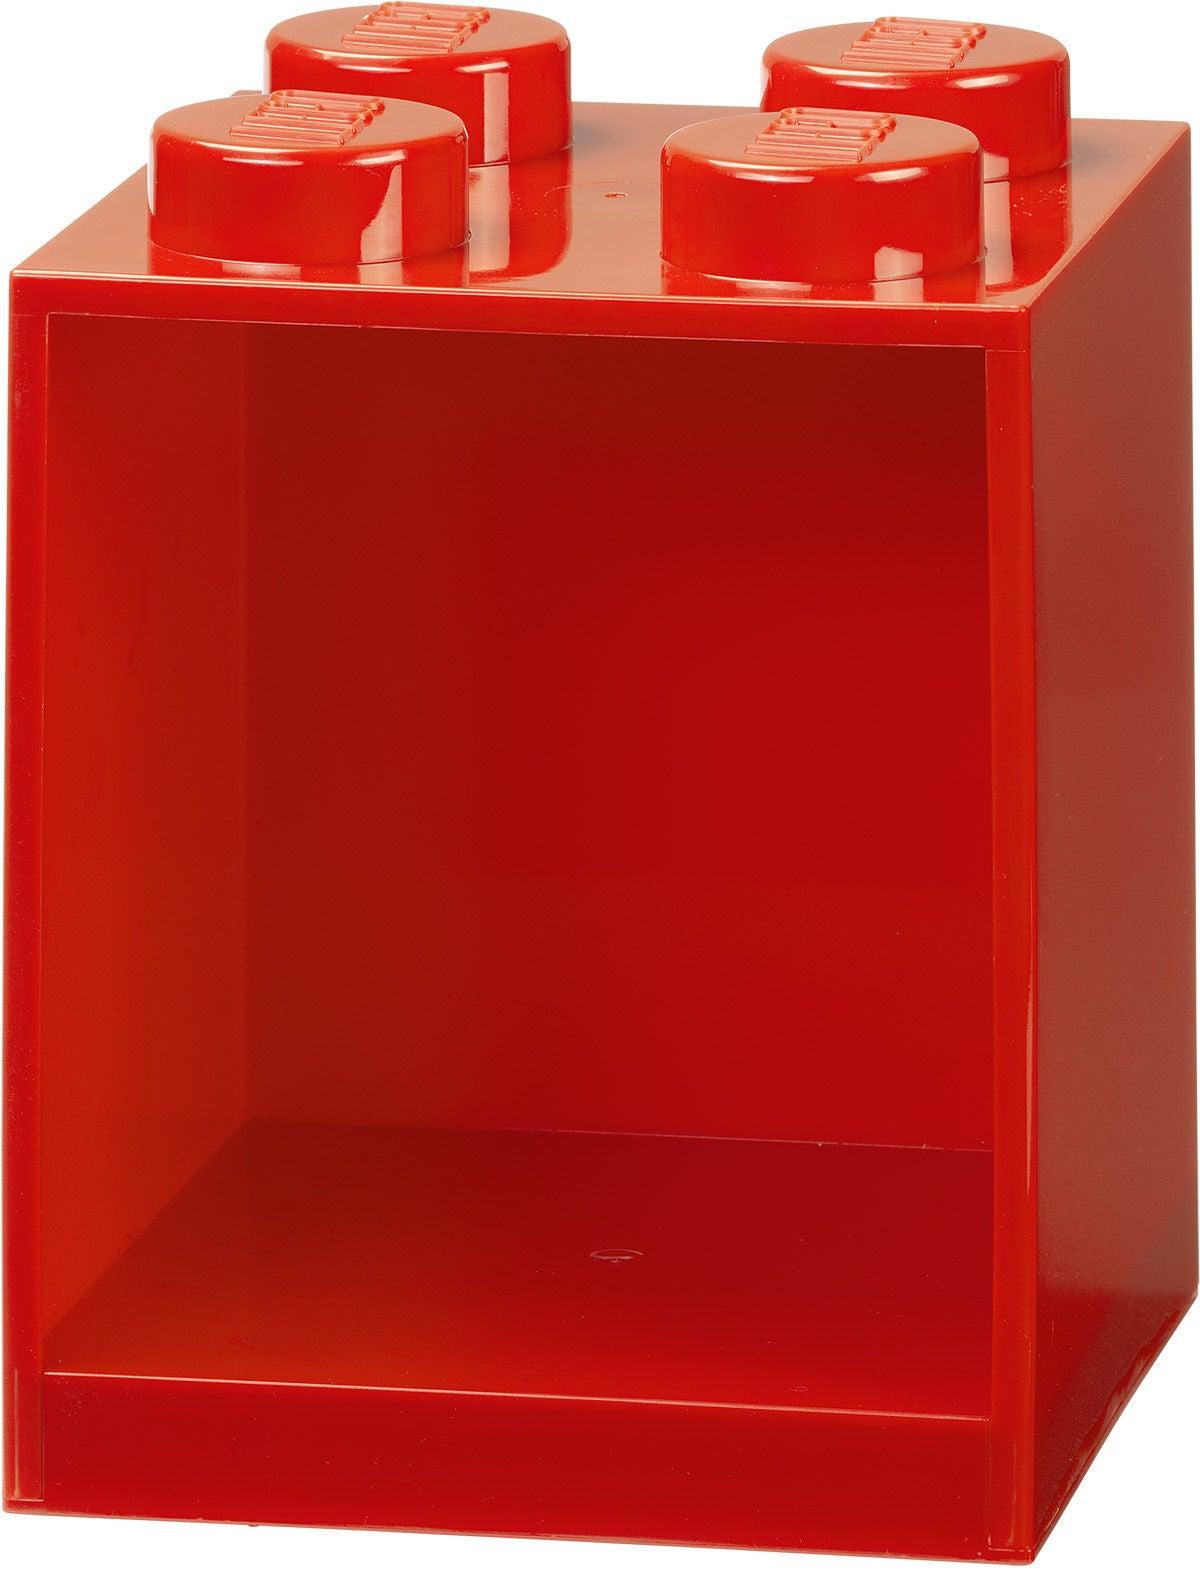 LEGO Hylly 4, Red